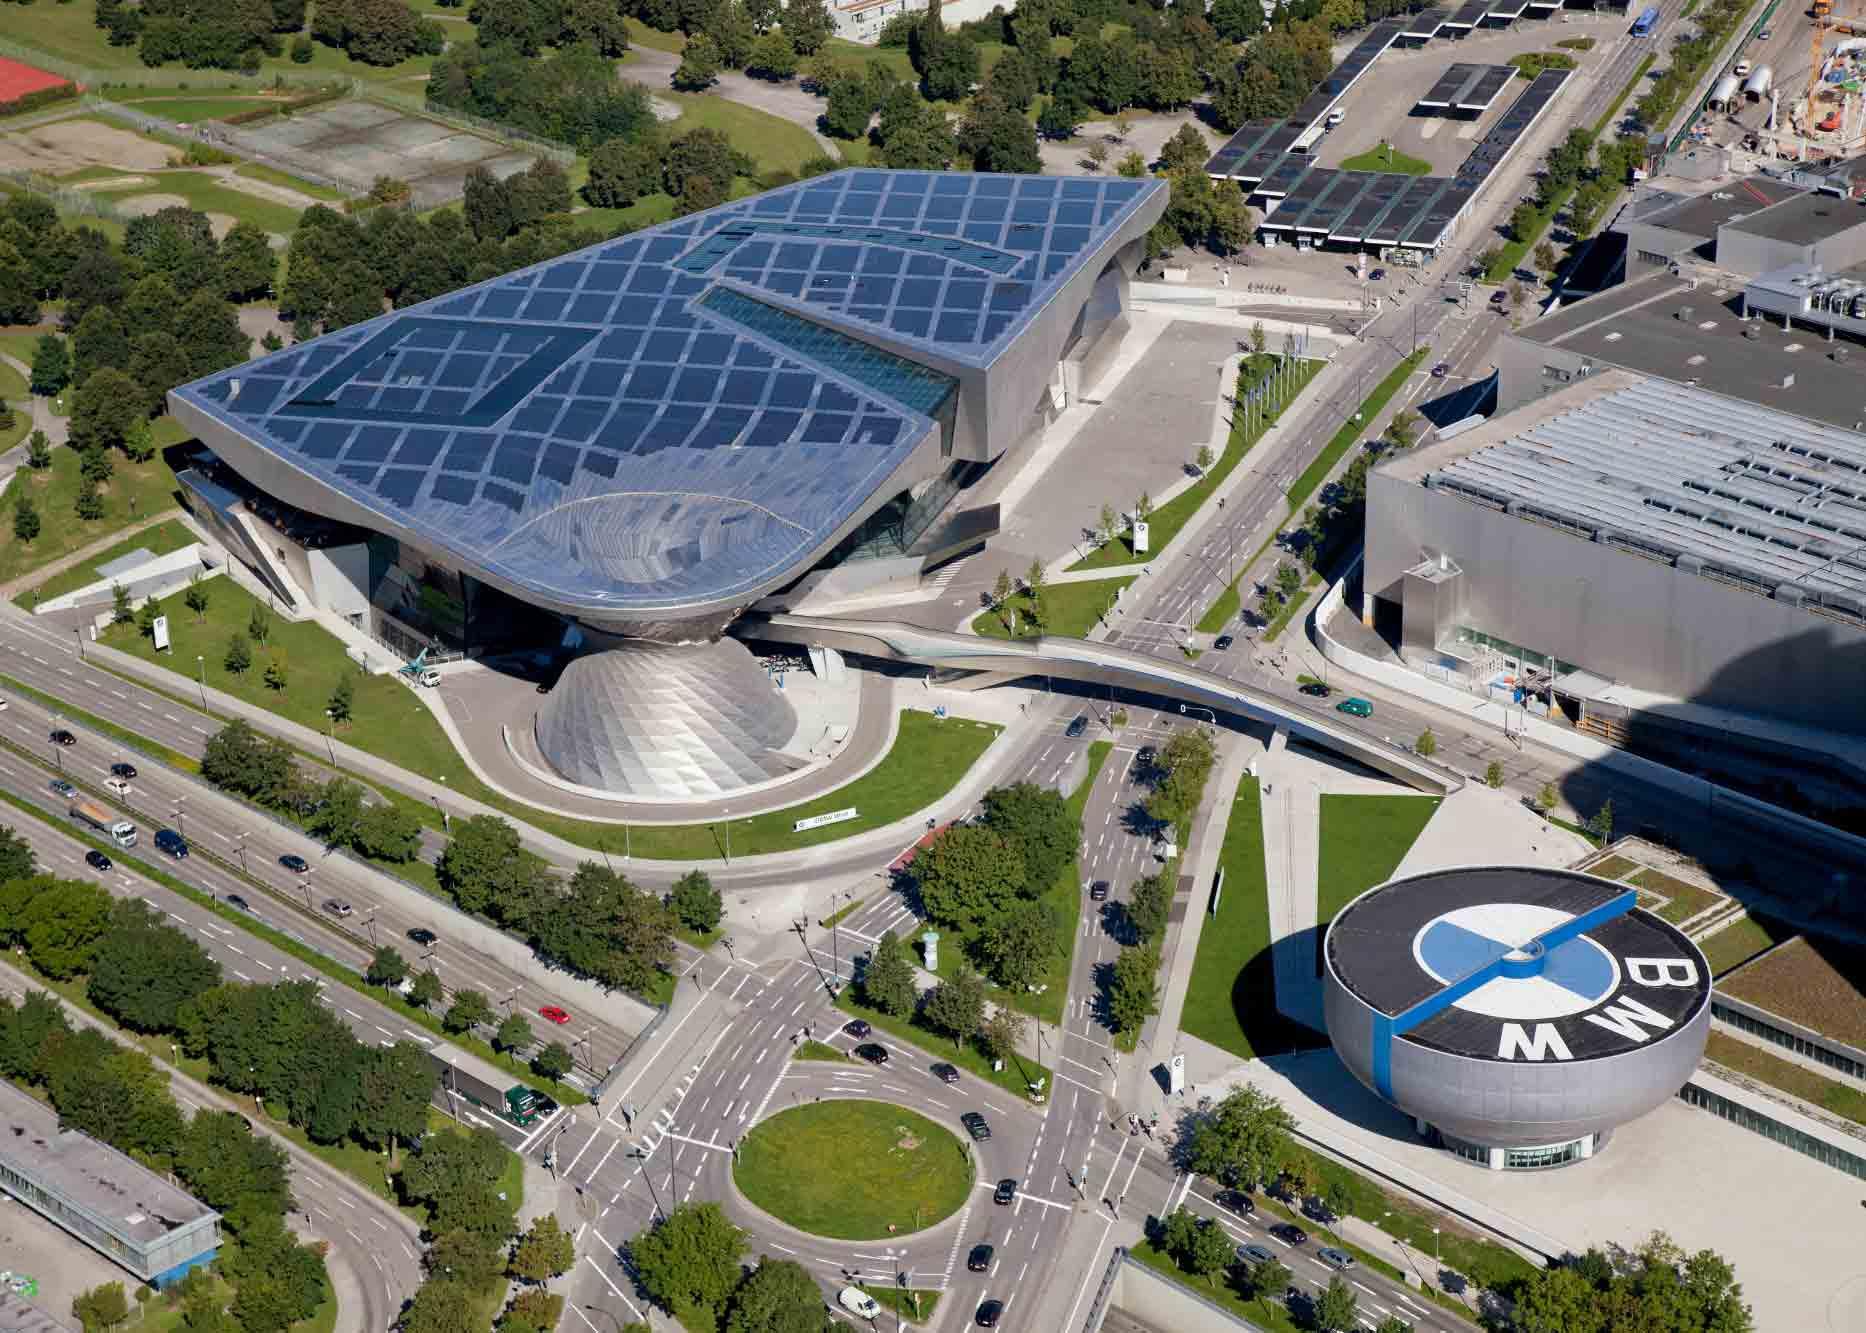 BMW Welt, Germany